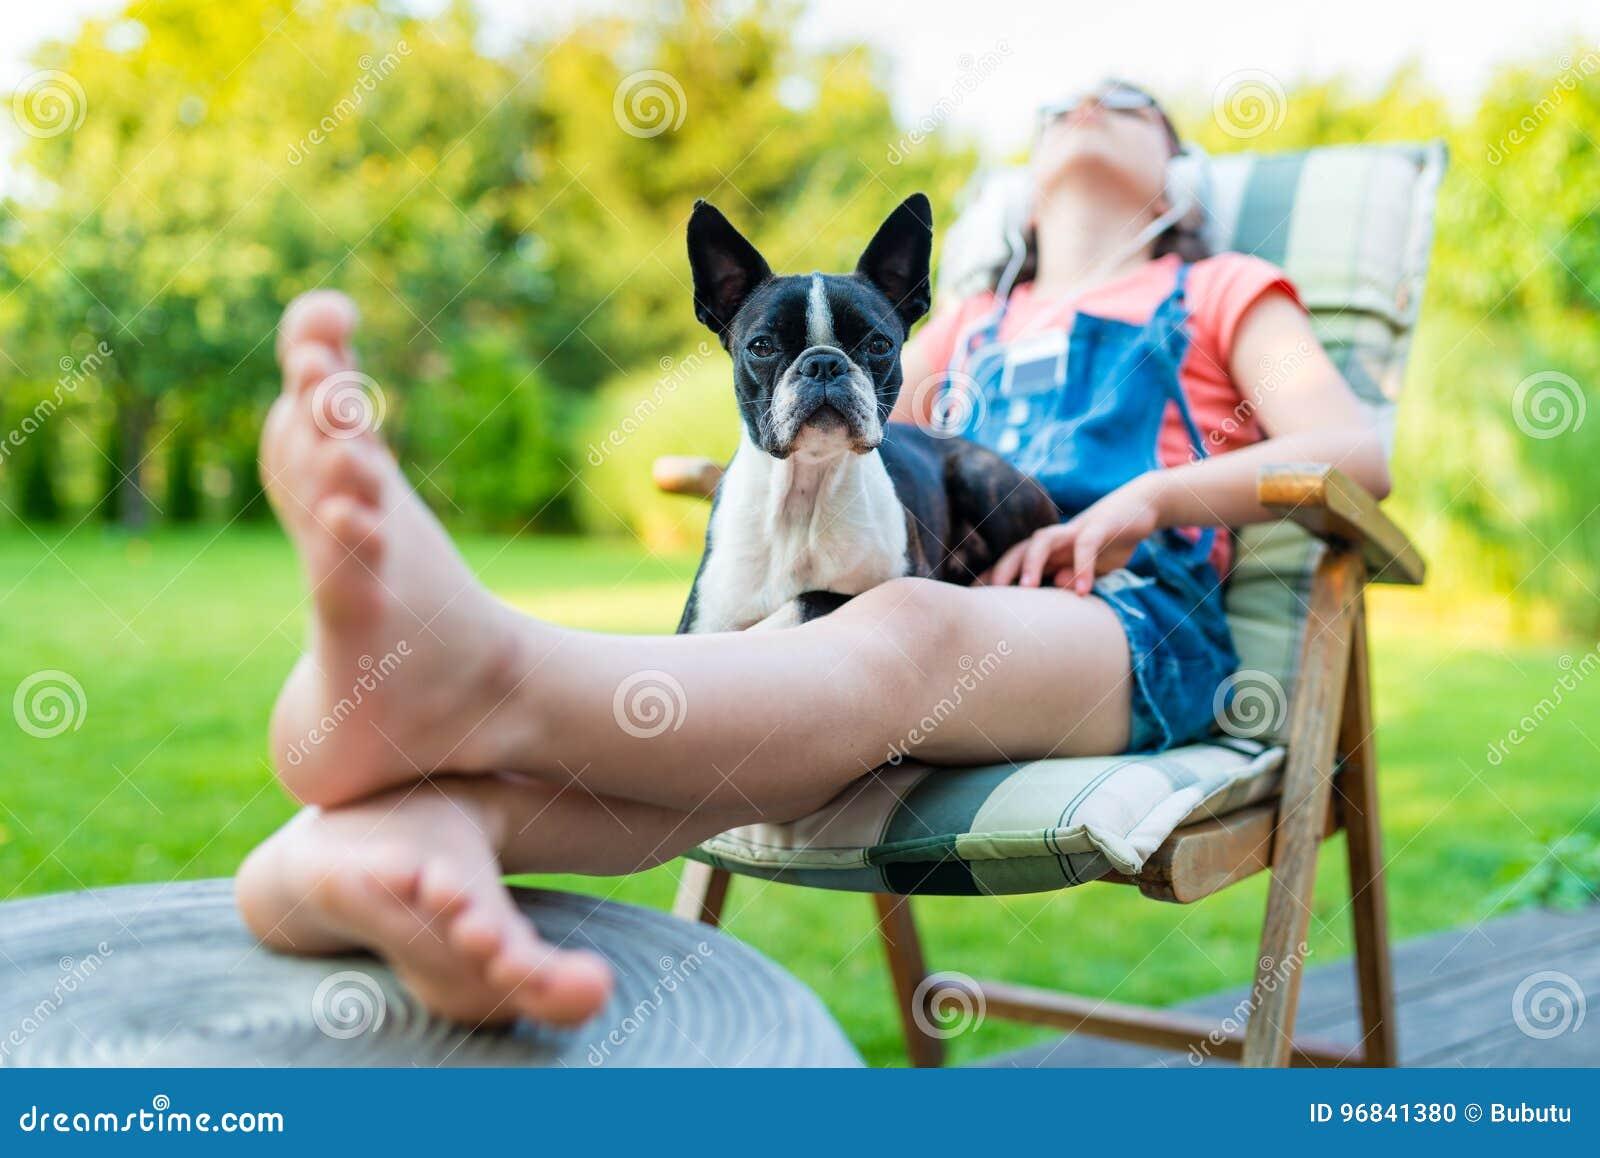 Собака и девочка-подросток отдыхая в саде